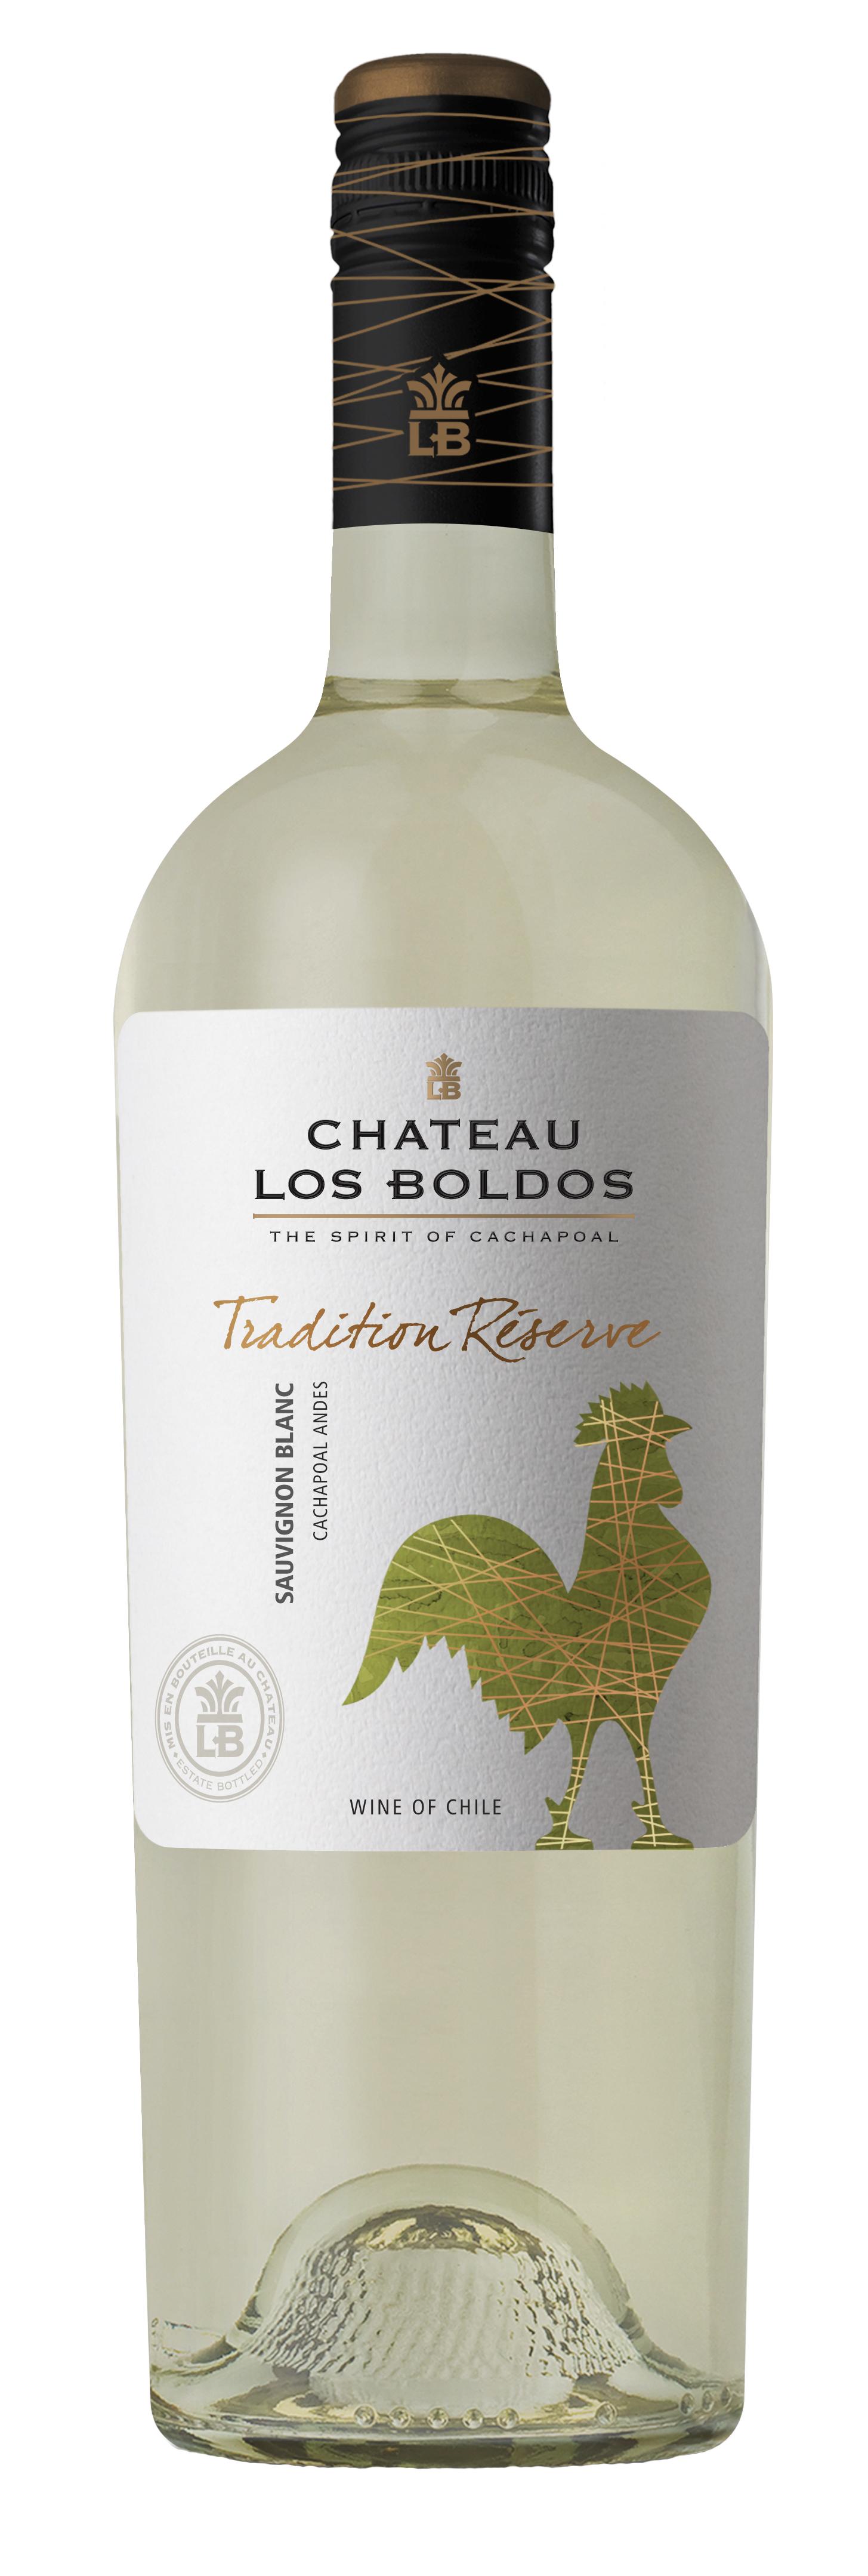 Chateau Los Boldos Tradition Réserve, Sauvignon Blanc 2016